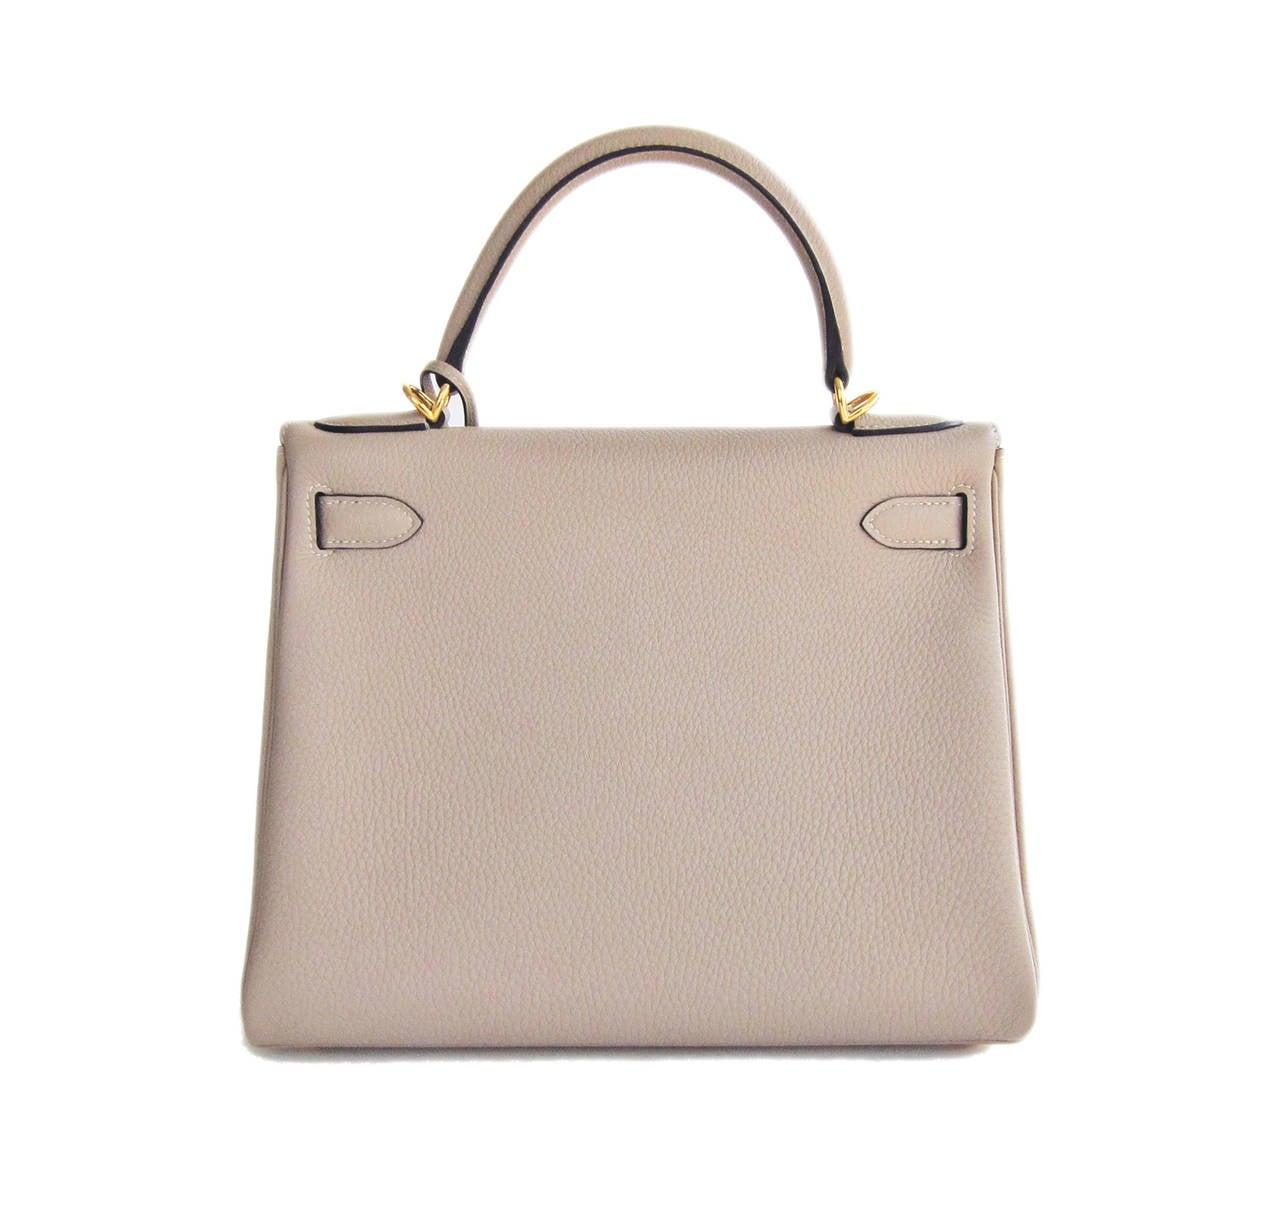 Hermes Gris Tourterelle 28cm Togo Kelly Gold GHW Shoulder Bag Perfection 3